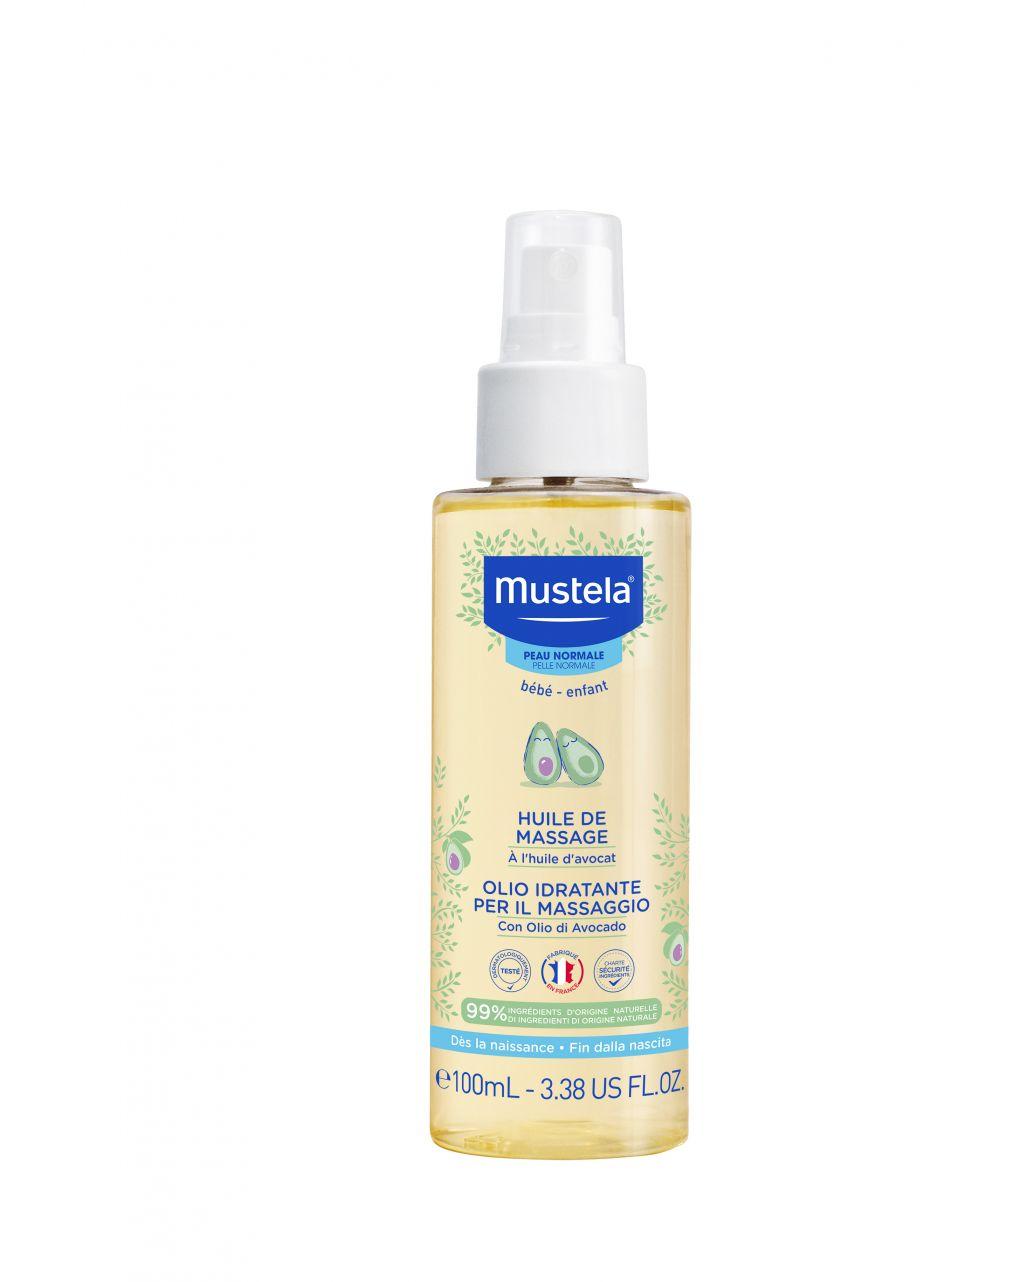 Olio massaggio 100ml - Mustela